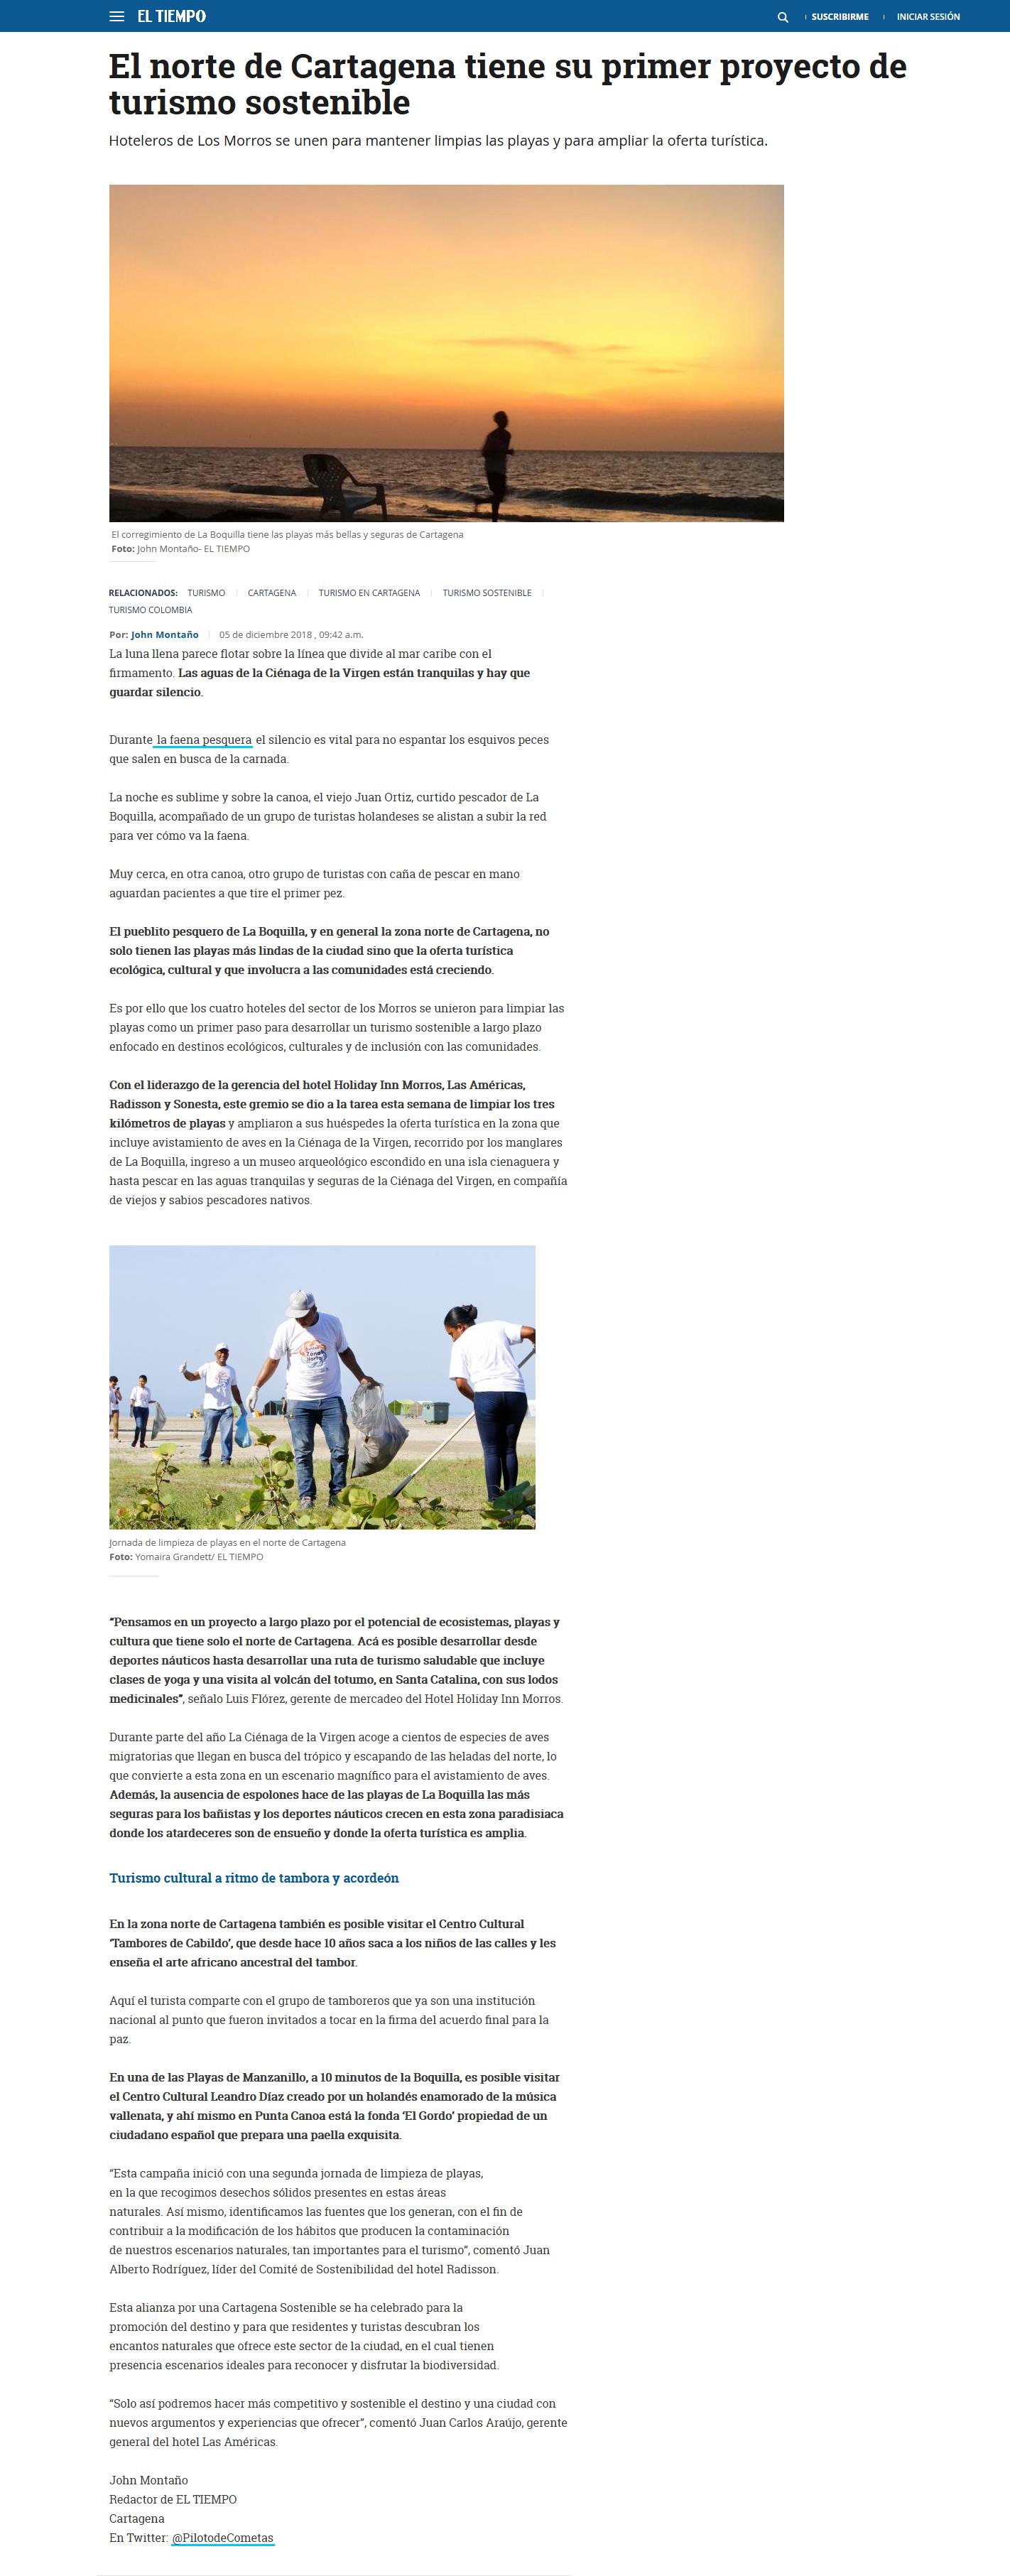 El norte de Cartagena tiene su primer proyecto de turismo sostenible